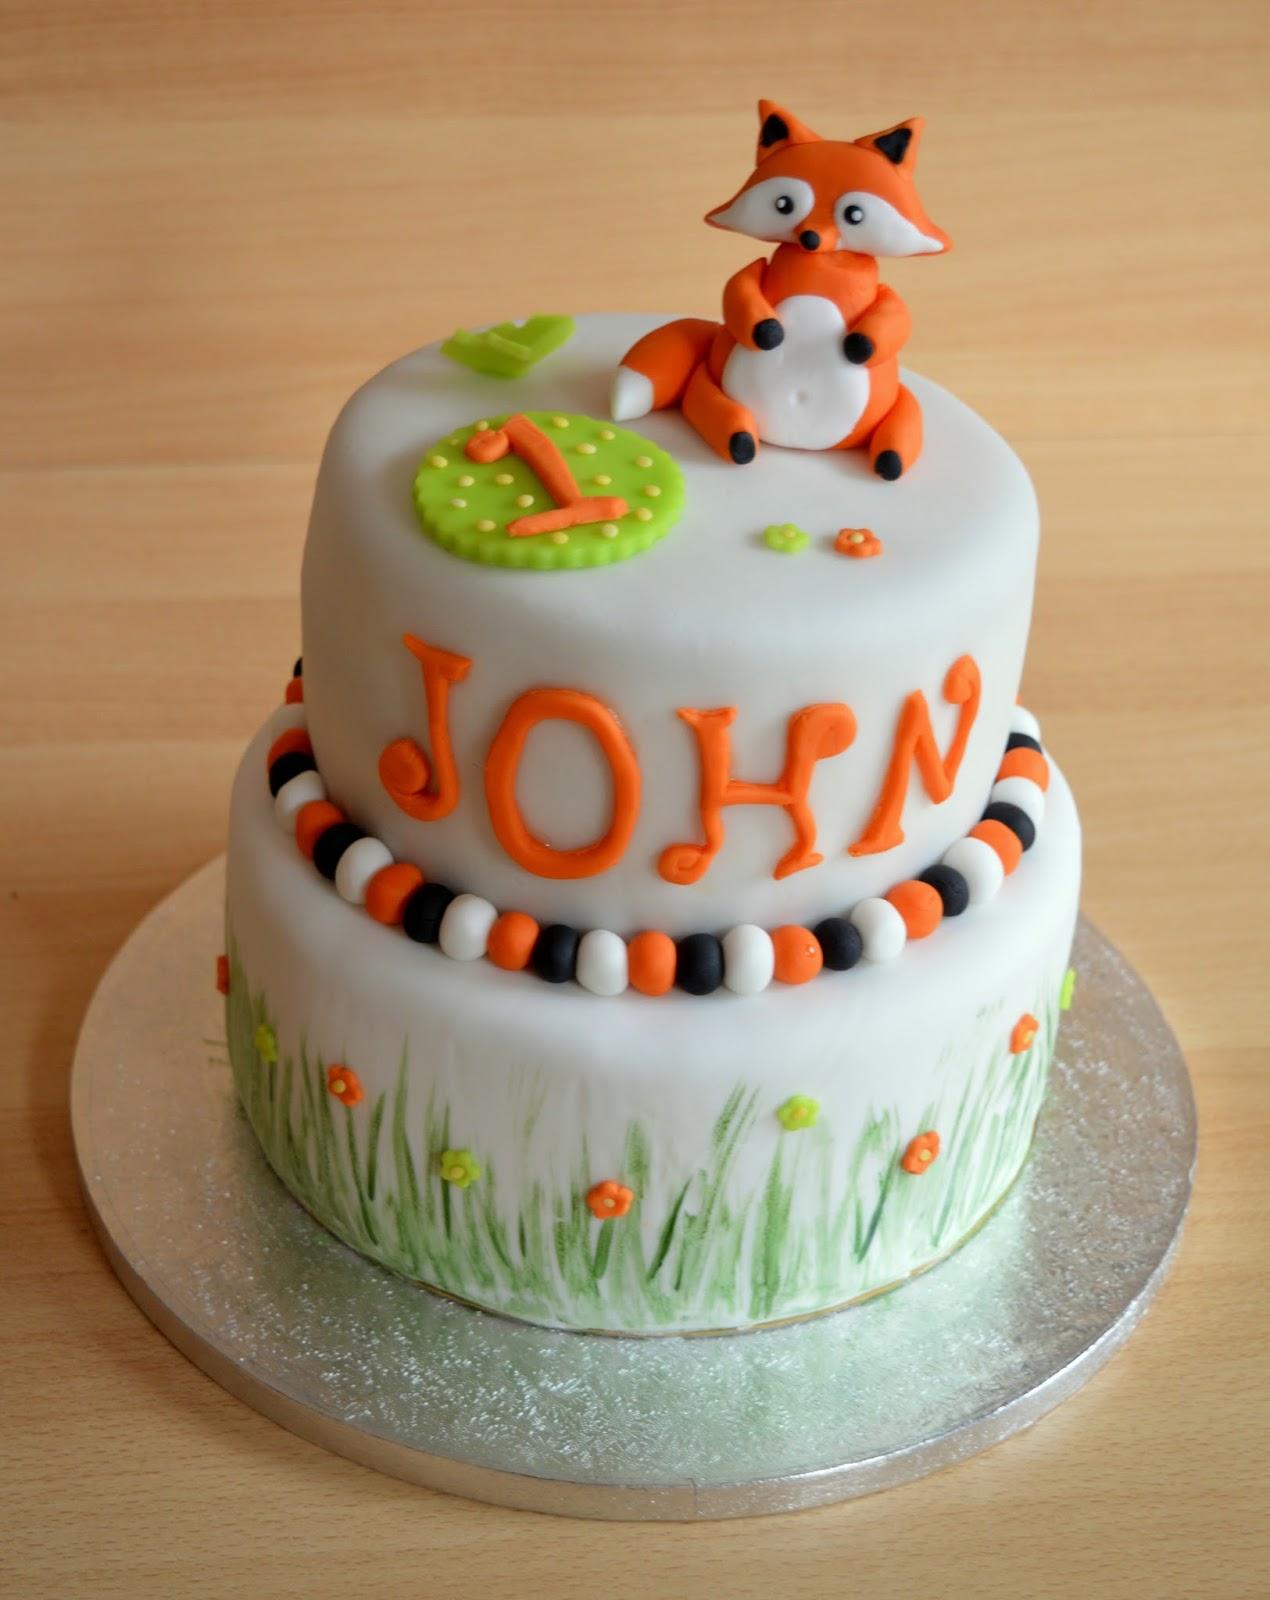 Julias Zuckersusse Kuchenwelt Motivtorte Zum 1 Geburtstag